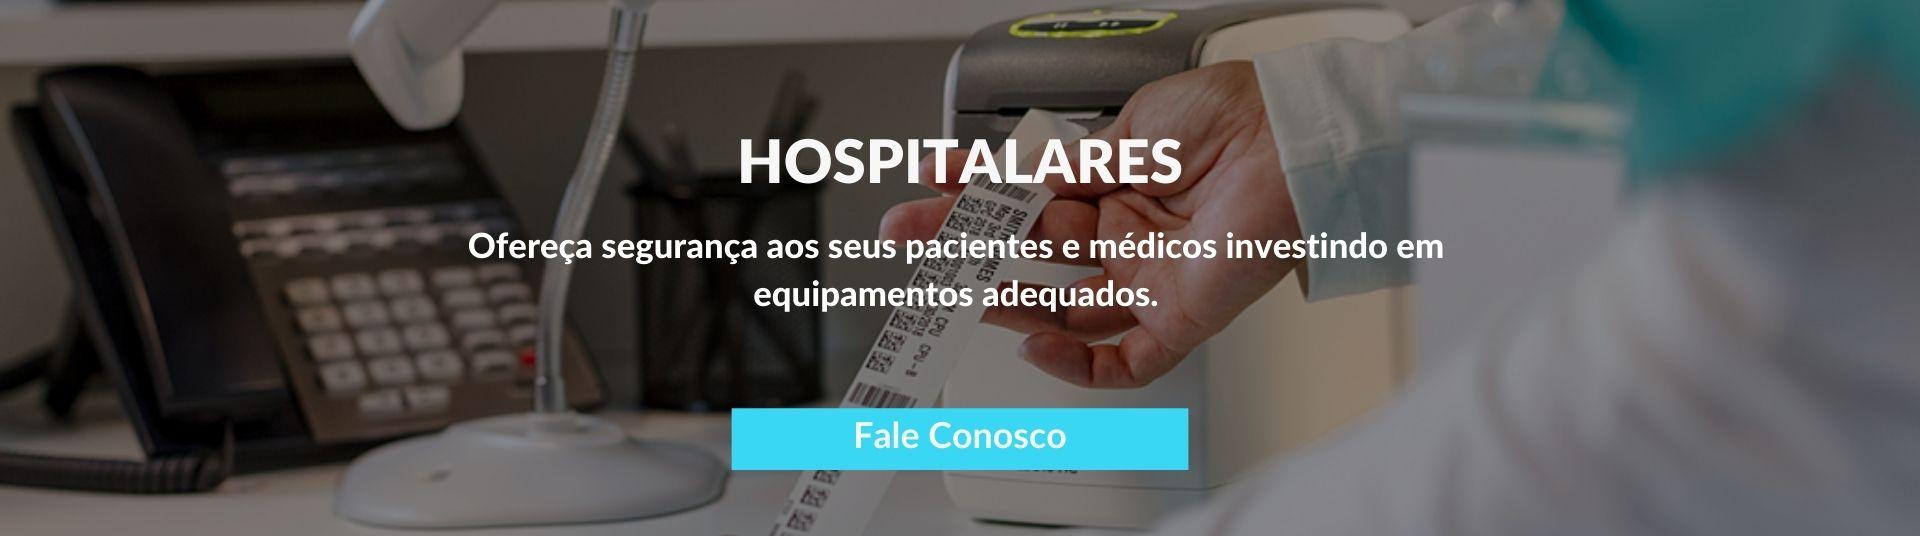 HOSPITALARES FULL BANNER